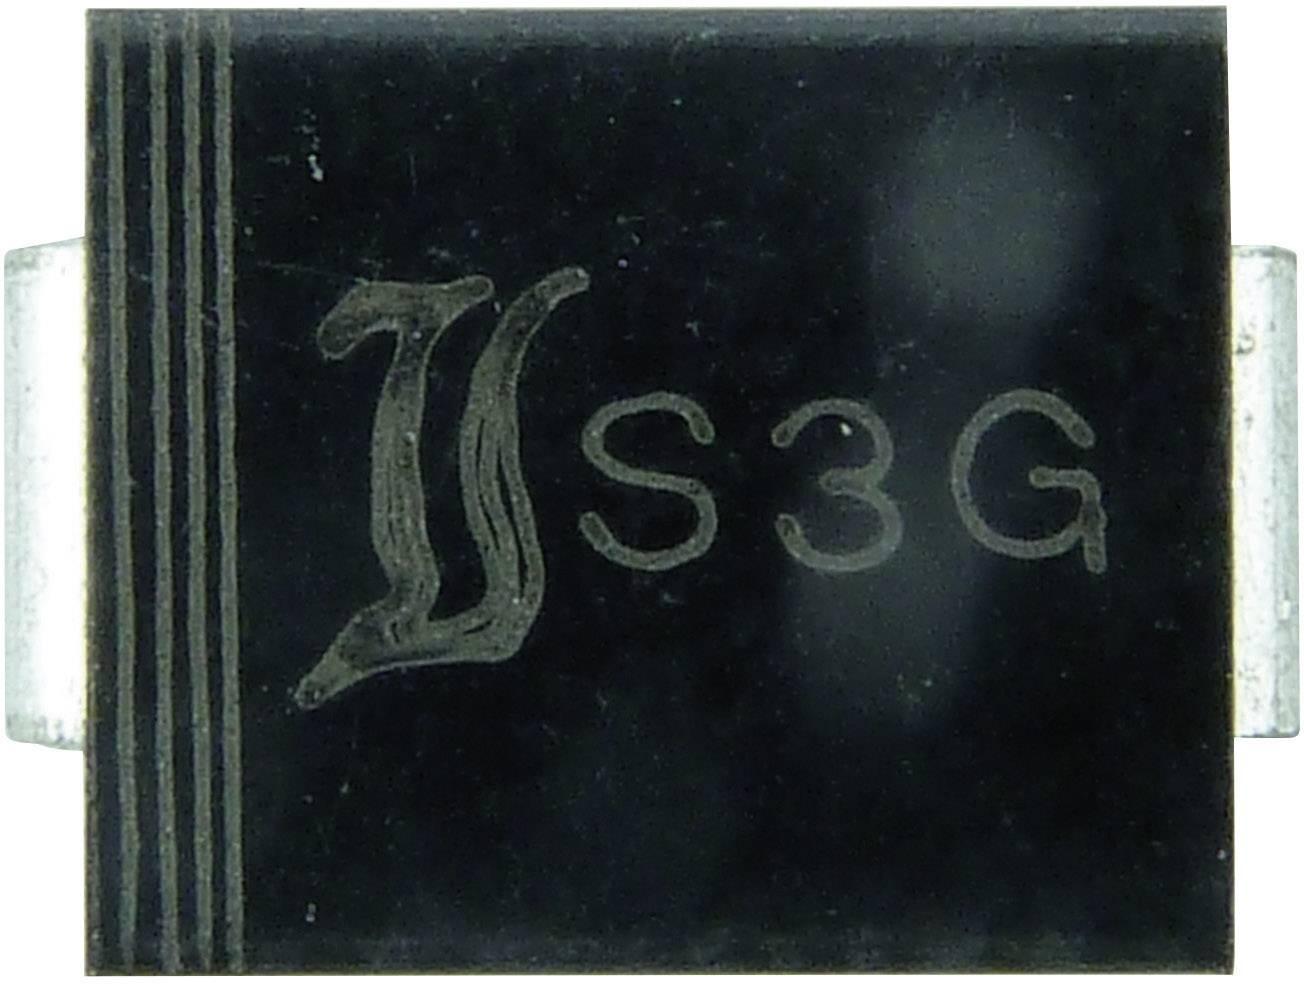 Zenerova dióda Diotec Z3SMC33, U(zen) 33 V